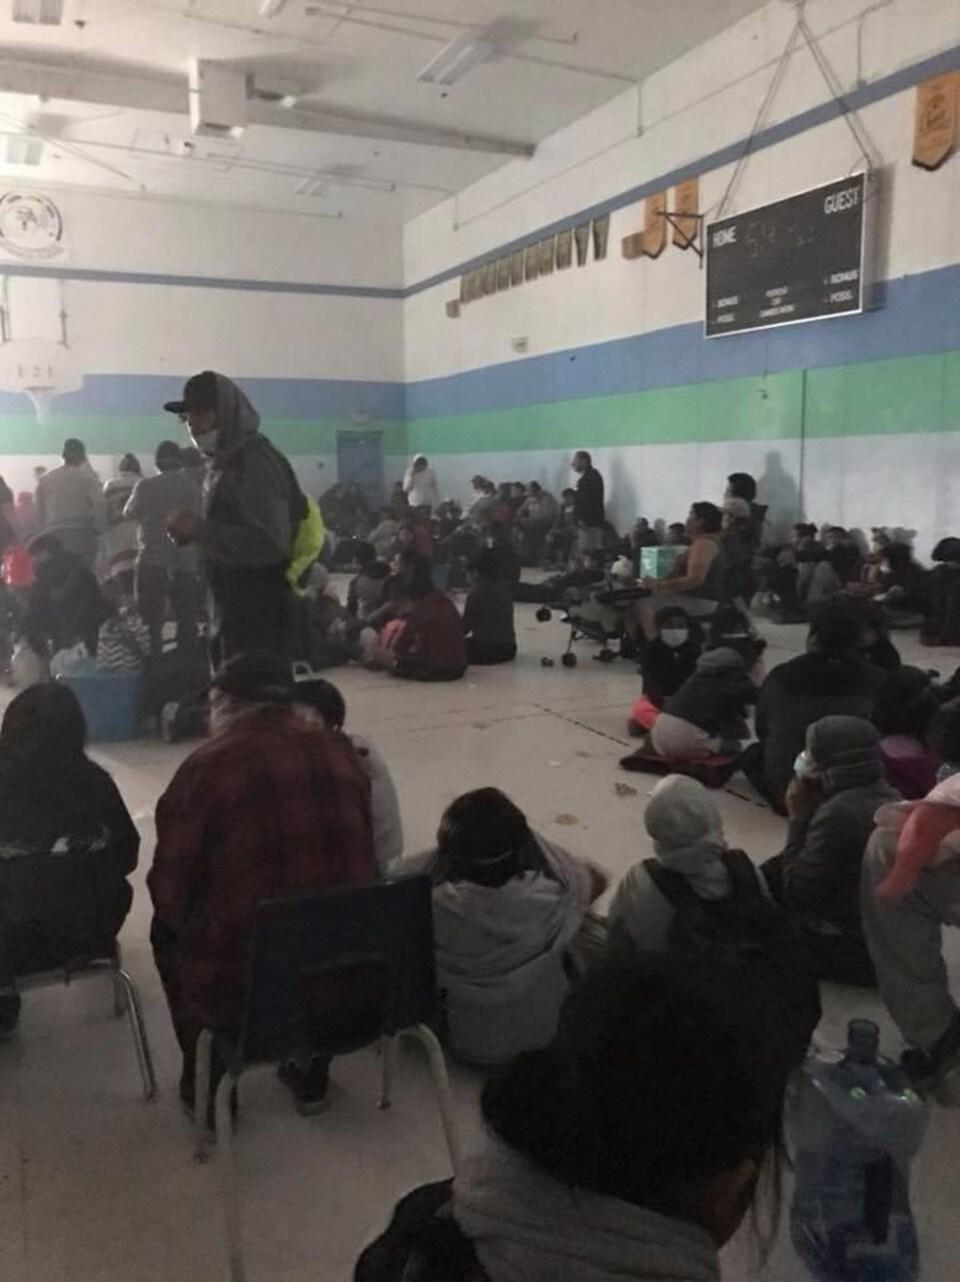 Une quarantaine de personnes dans un gymnase enfumé.